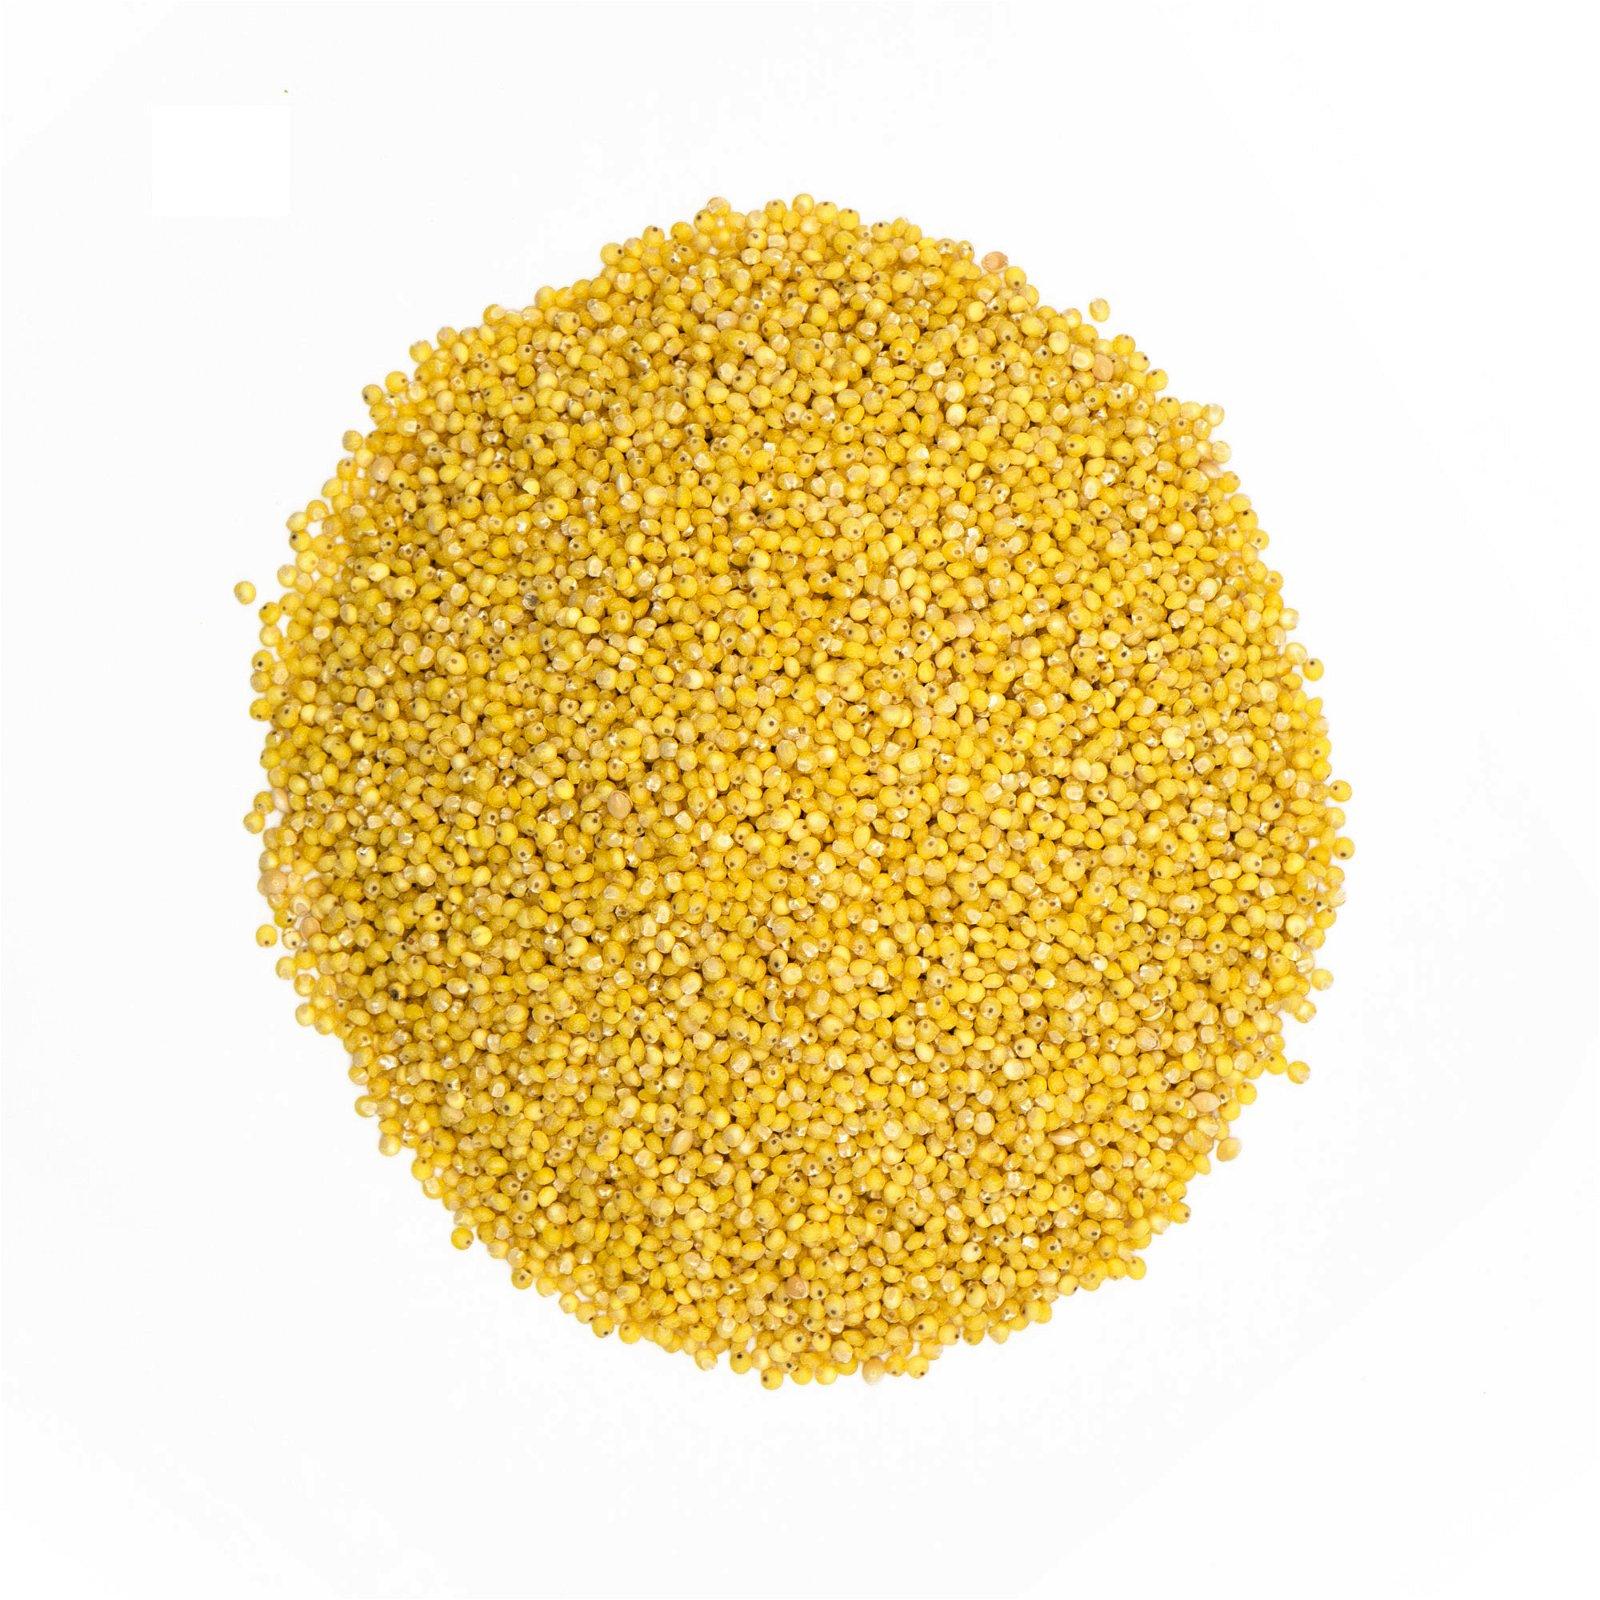 img-la-fourche-1kg-de-graines-de-millet-bio-en-vrac